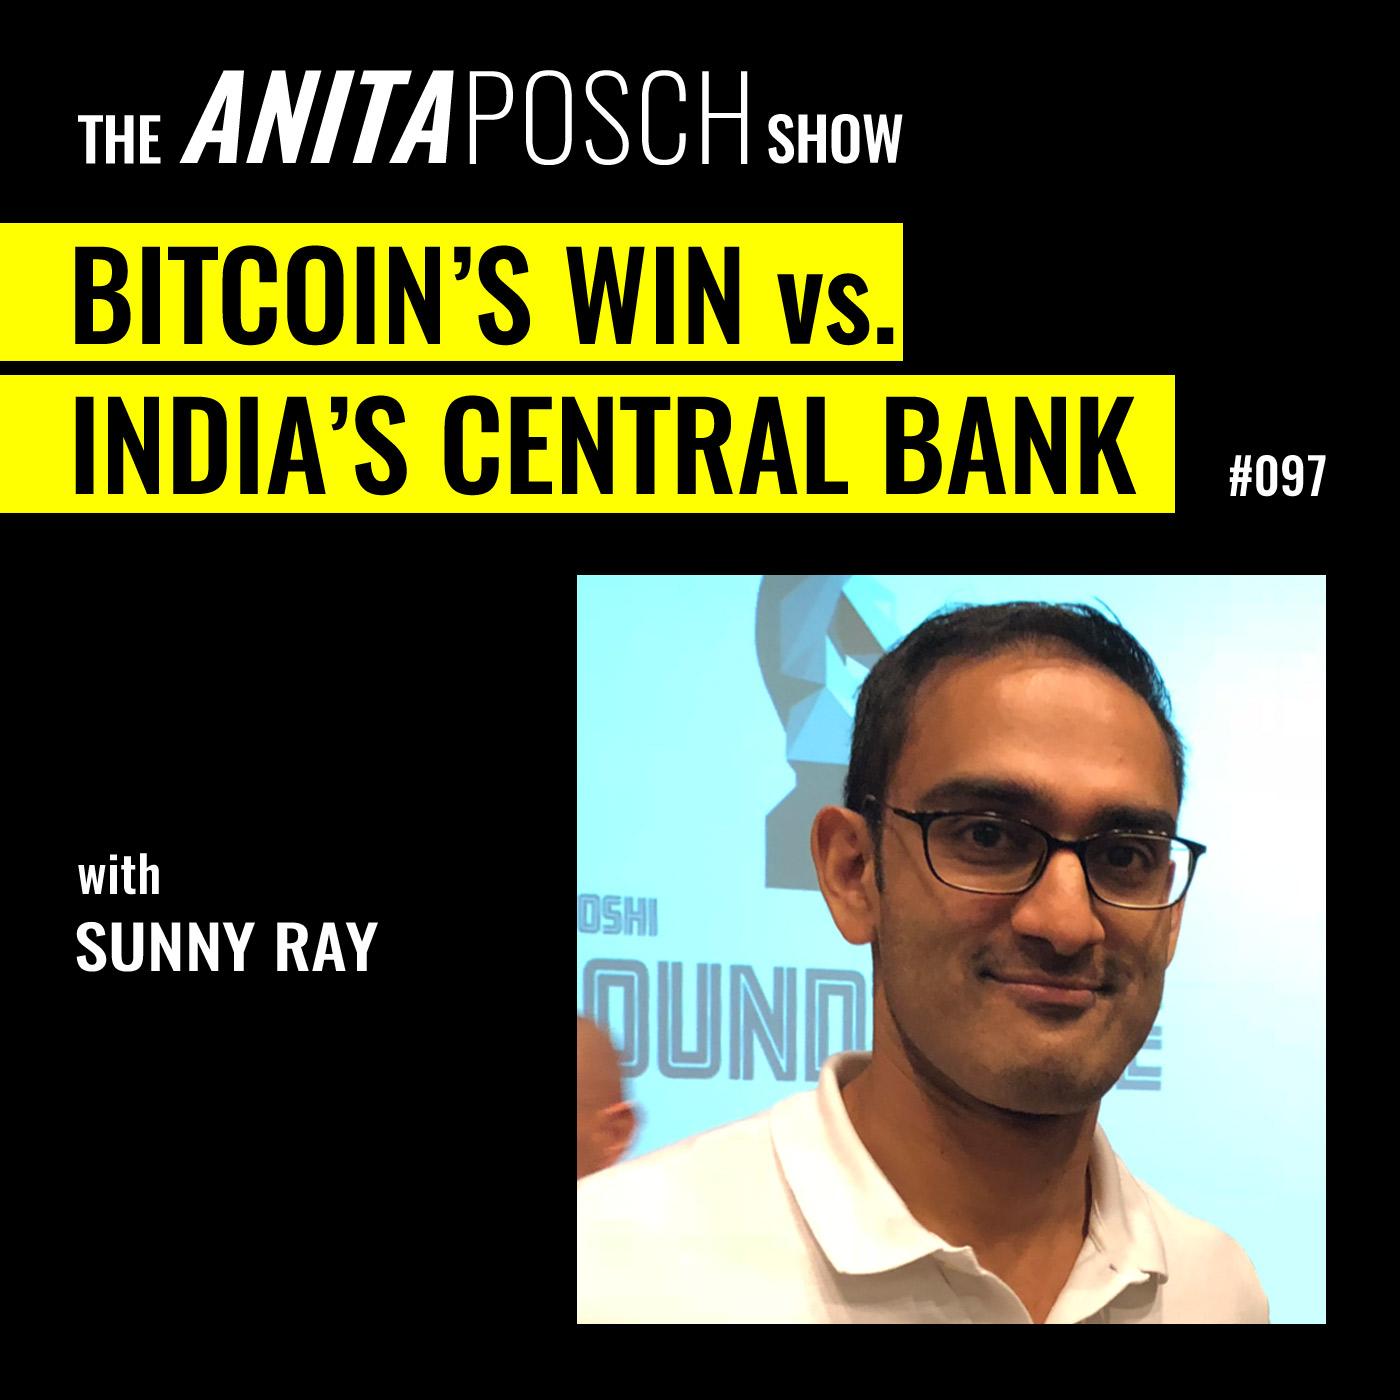 Sunny Ray: Bitcoin's Win vs. India's Central Bank